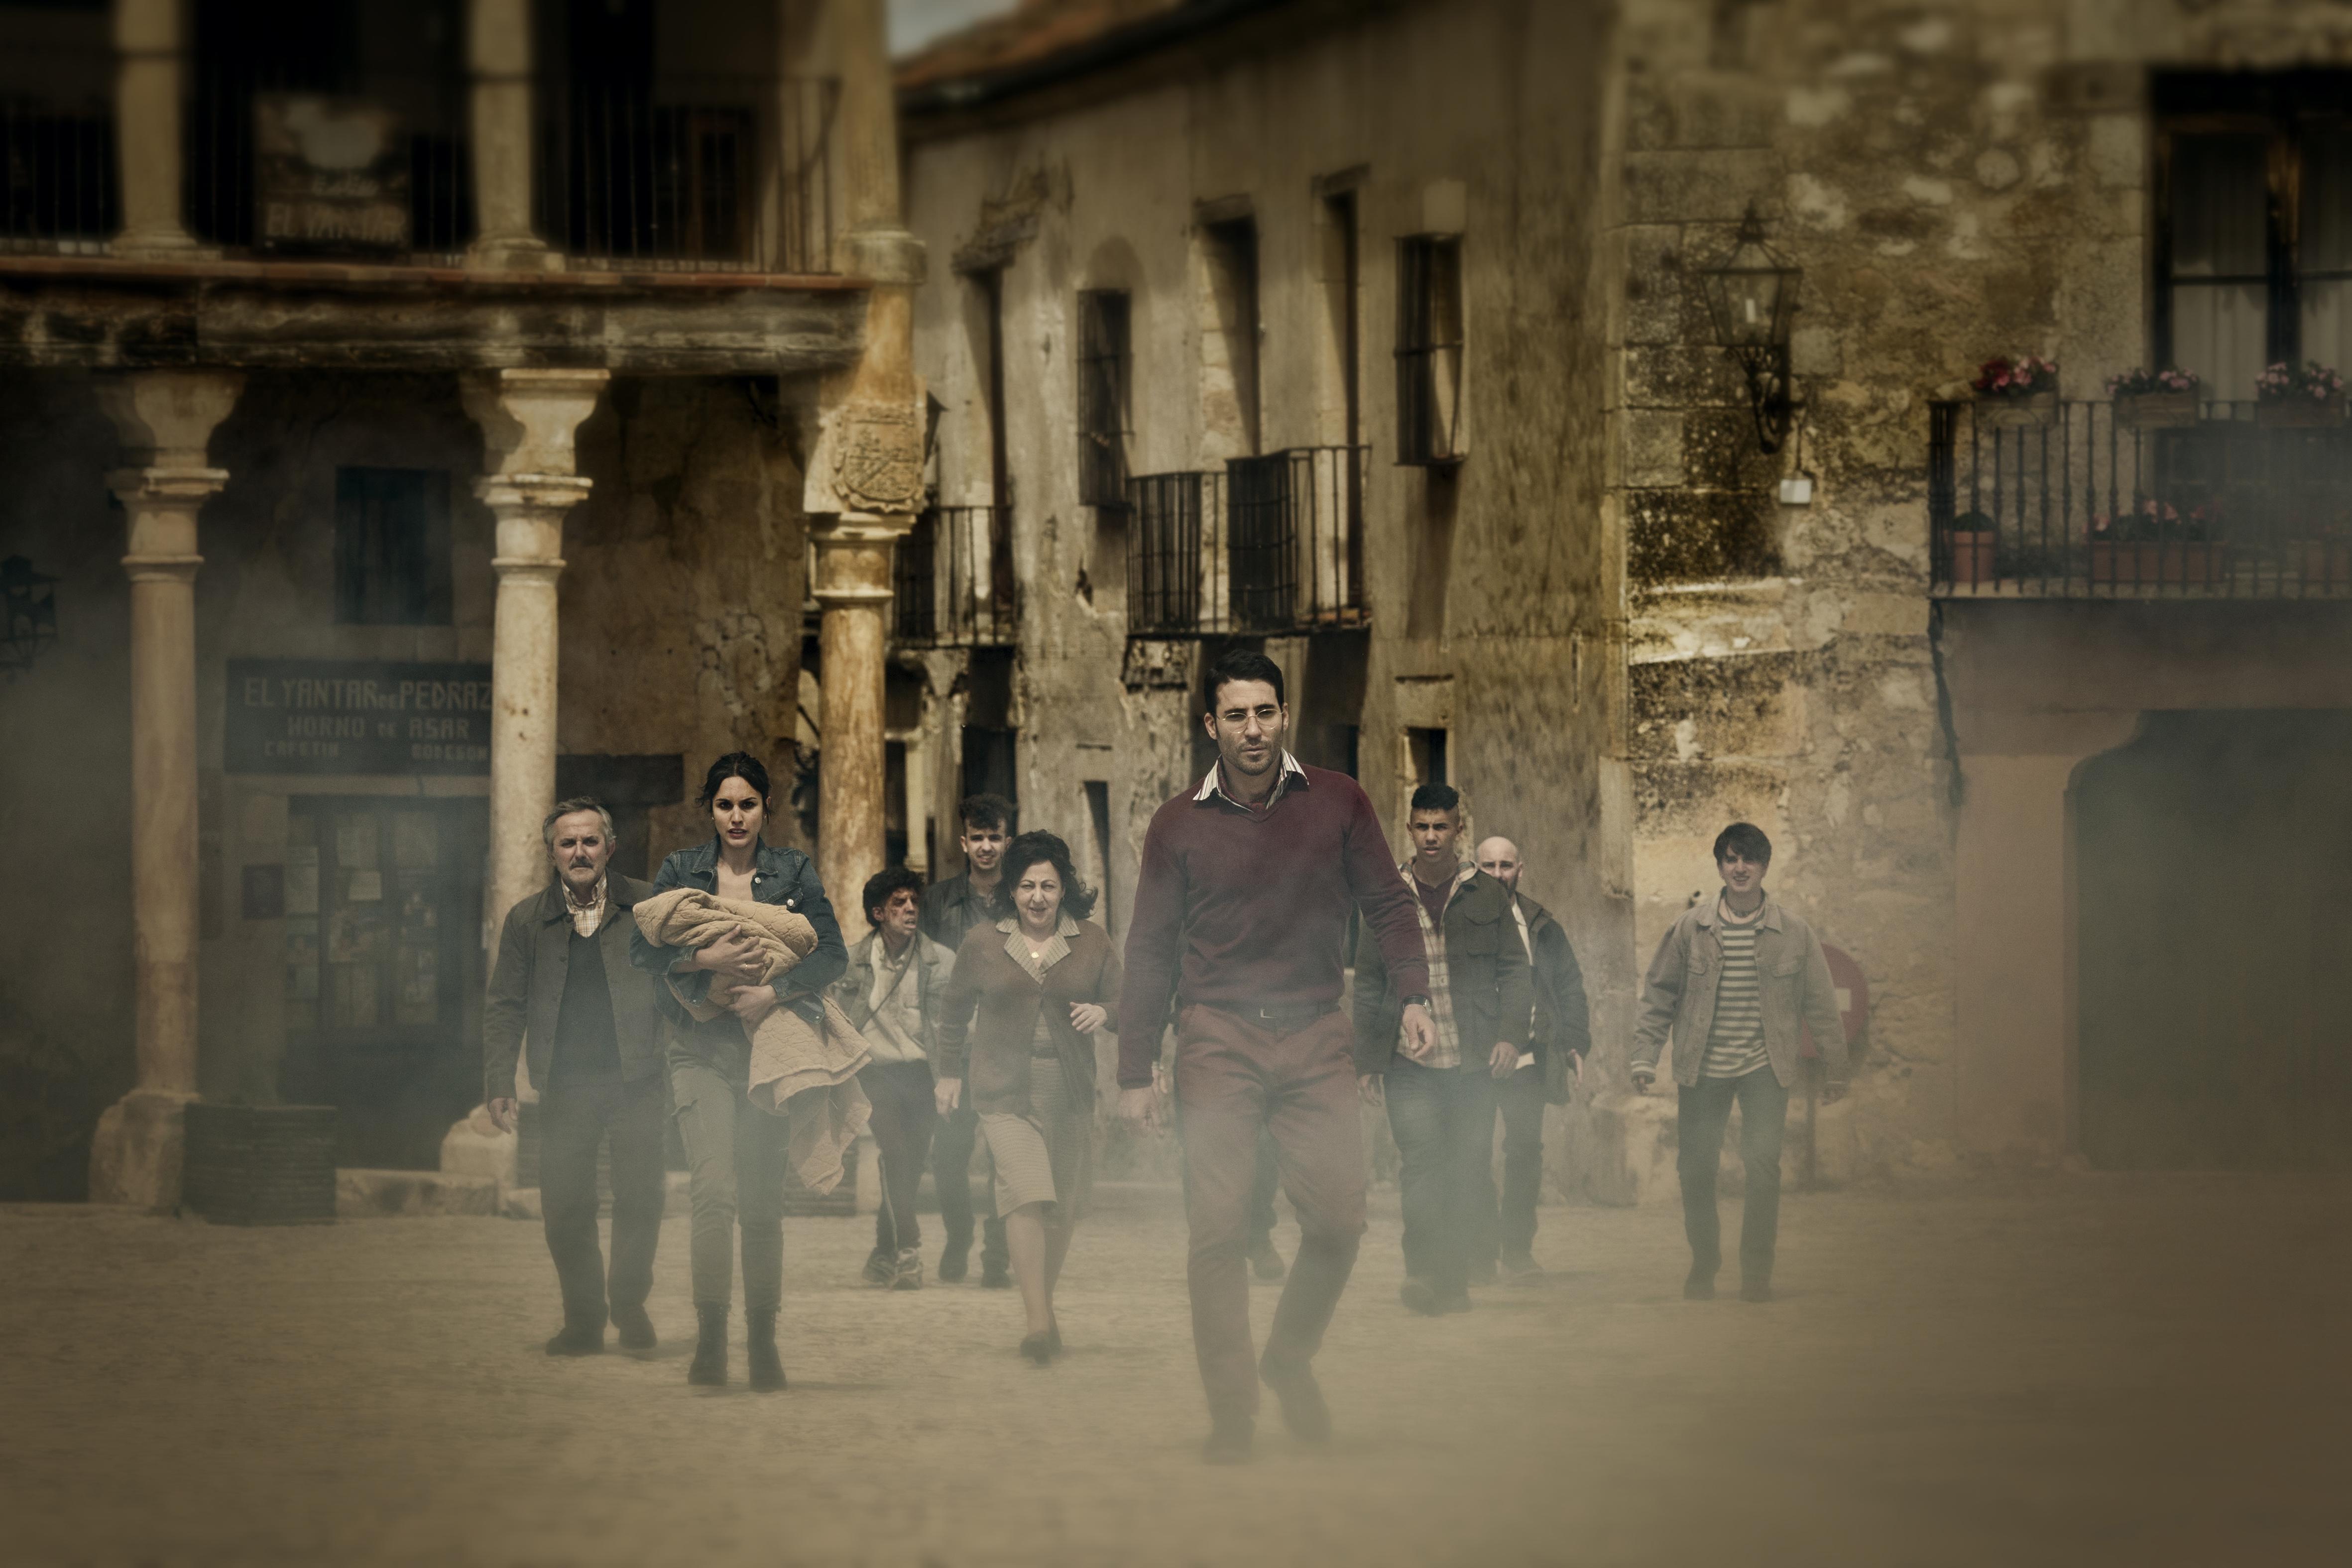 Paco és a falu népe viszik a gyereket a paphoz